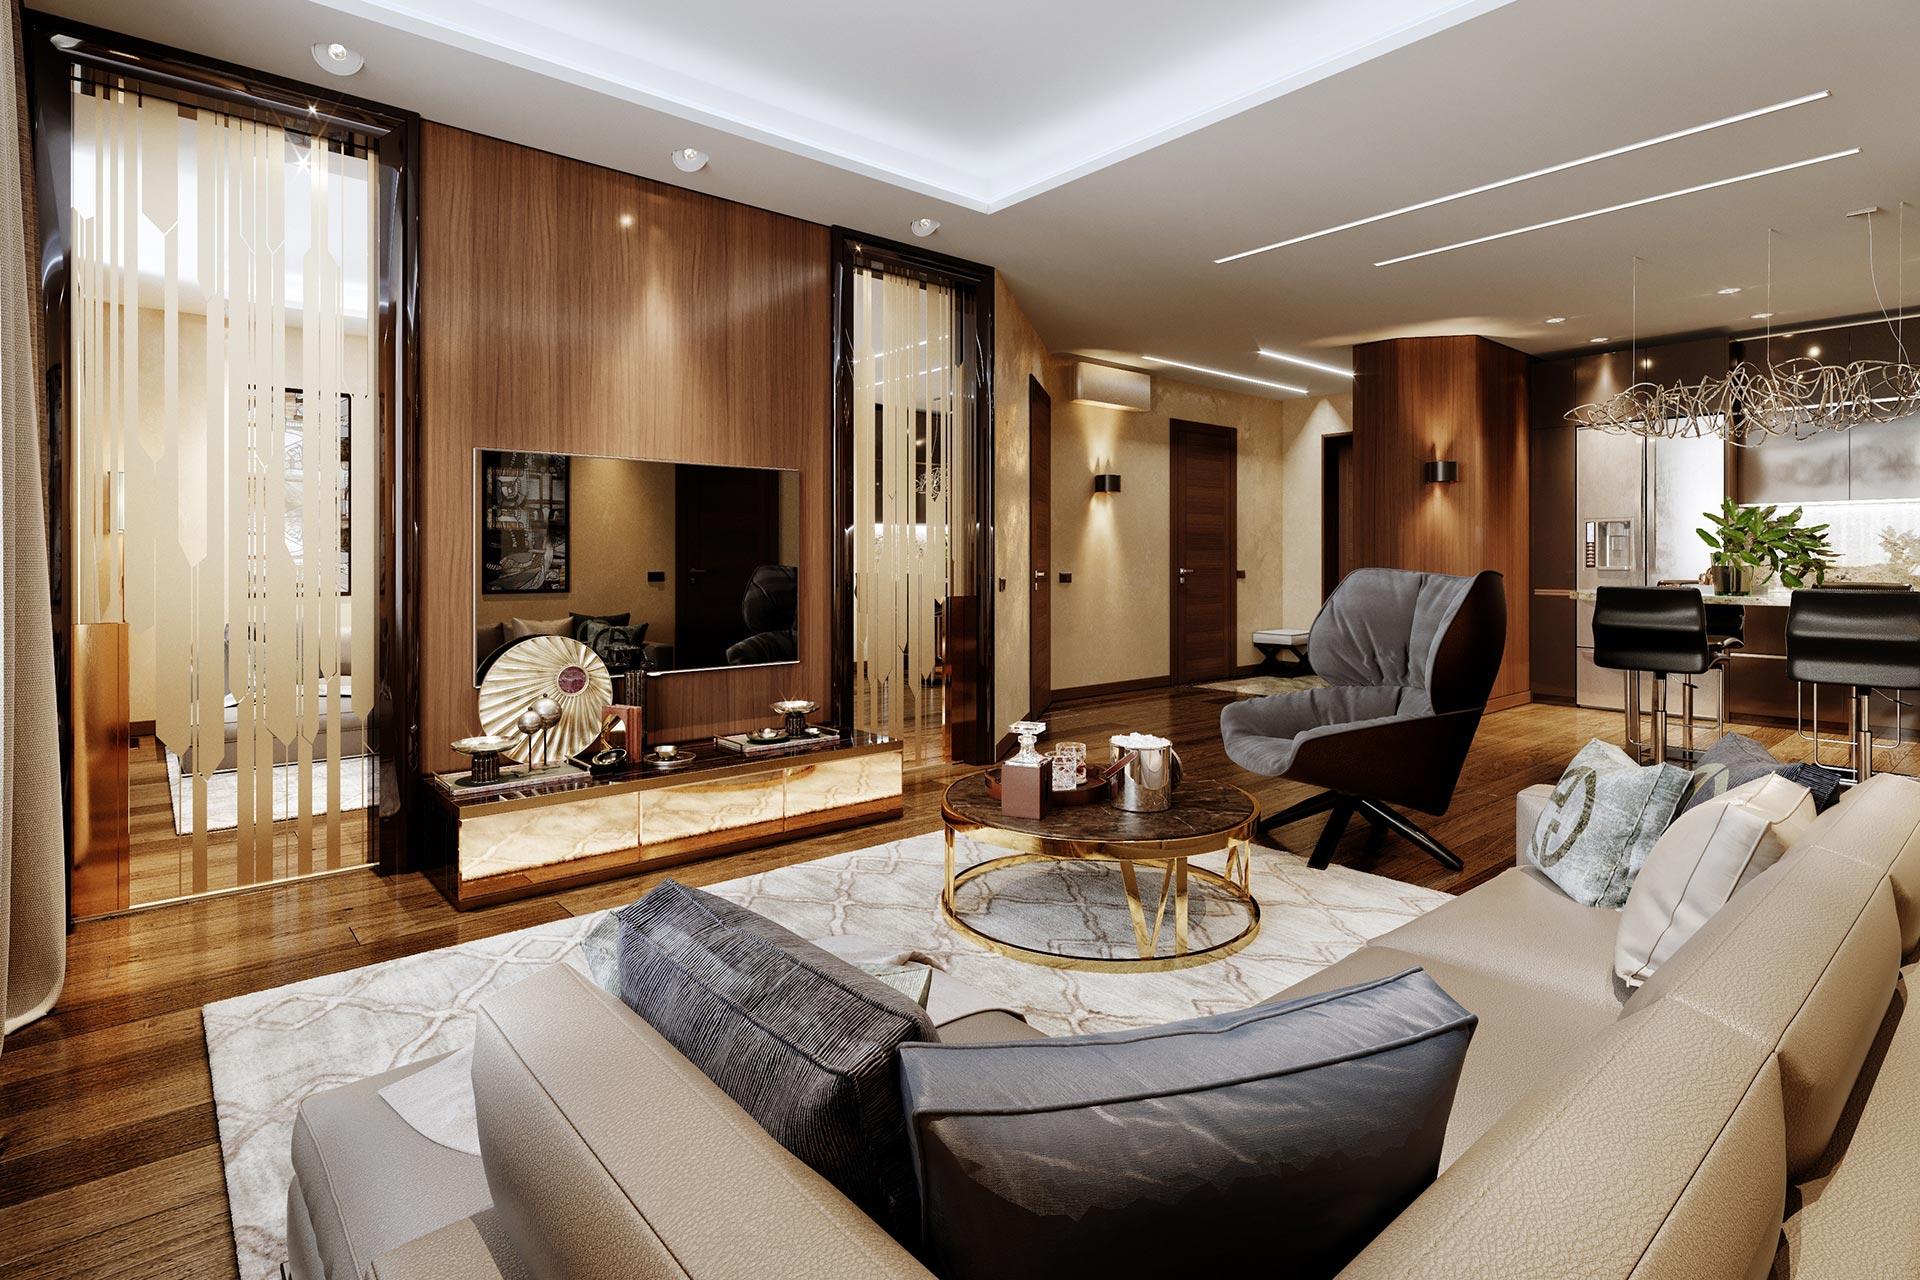 Дизайн интерьера квартиры в ЖК Авеню 77